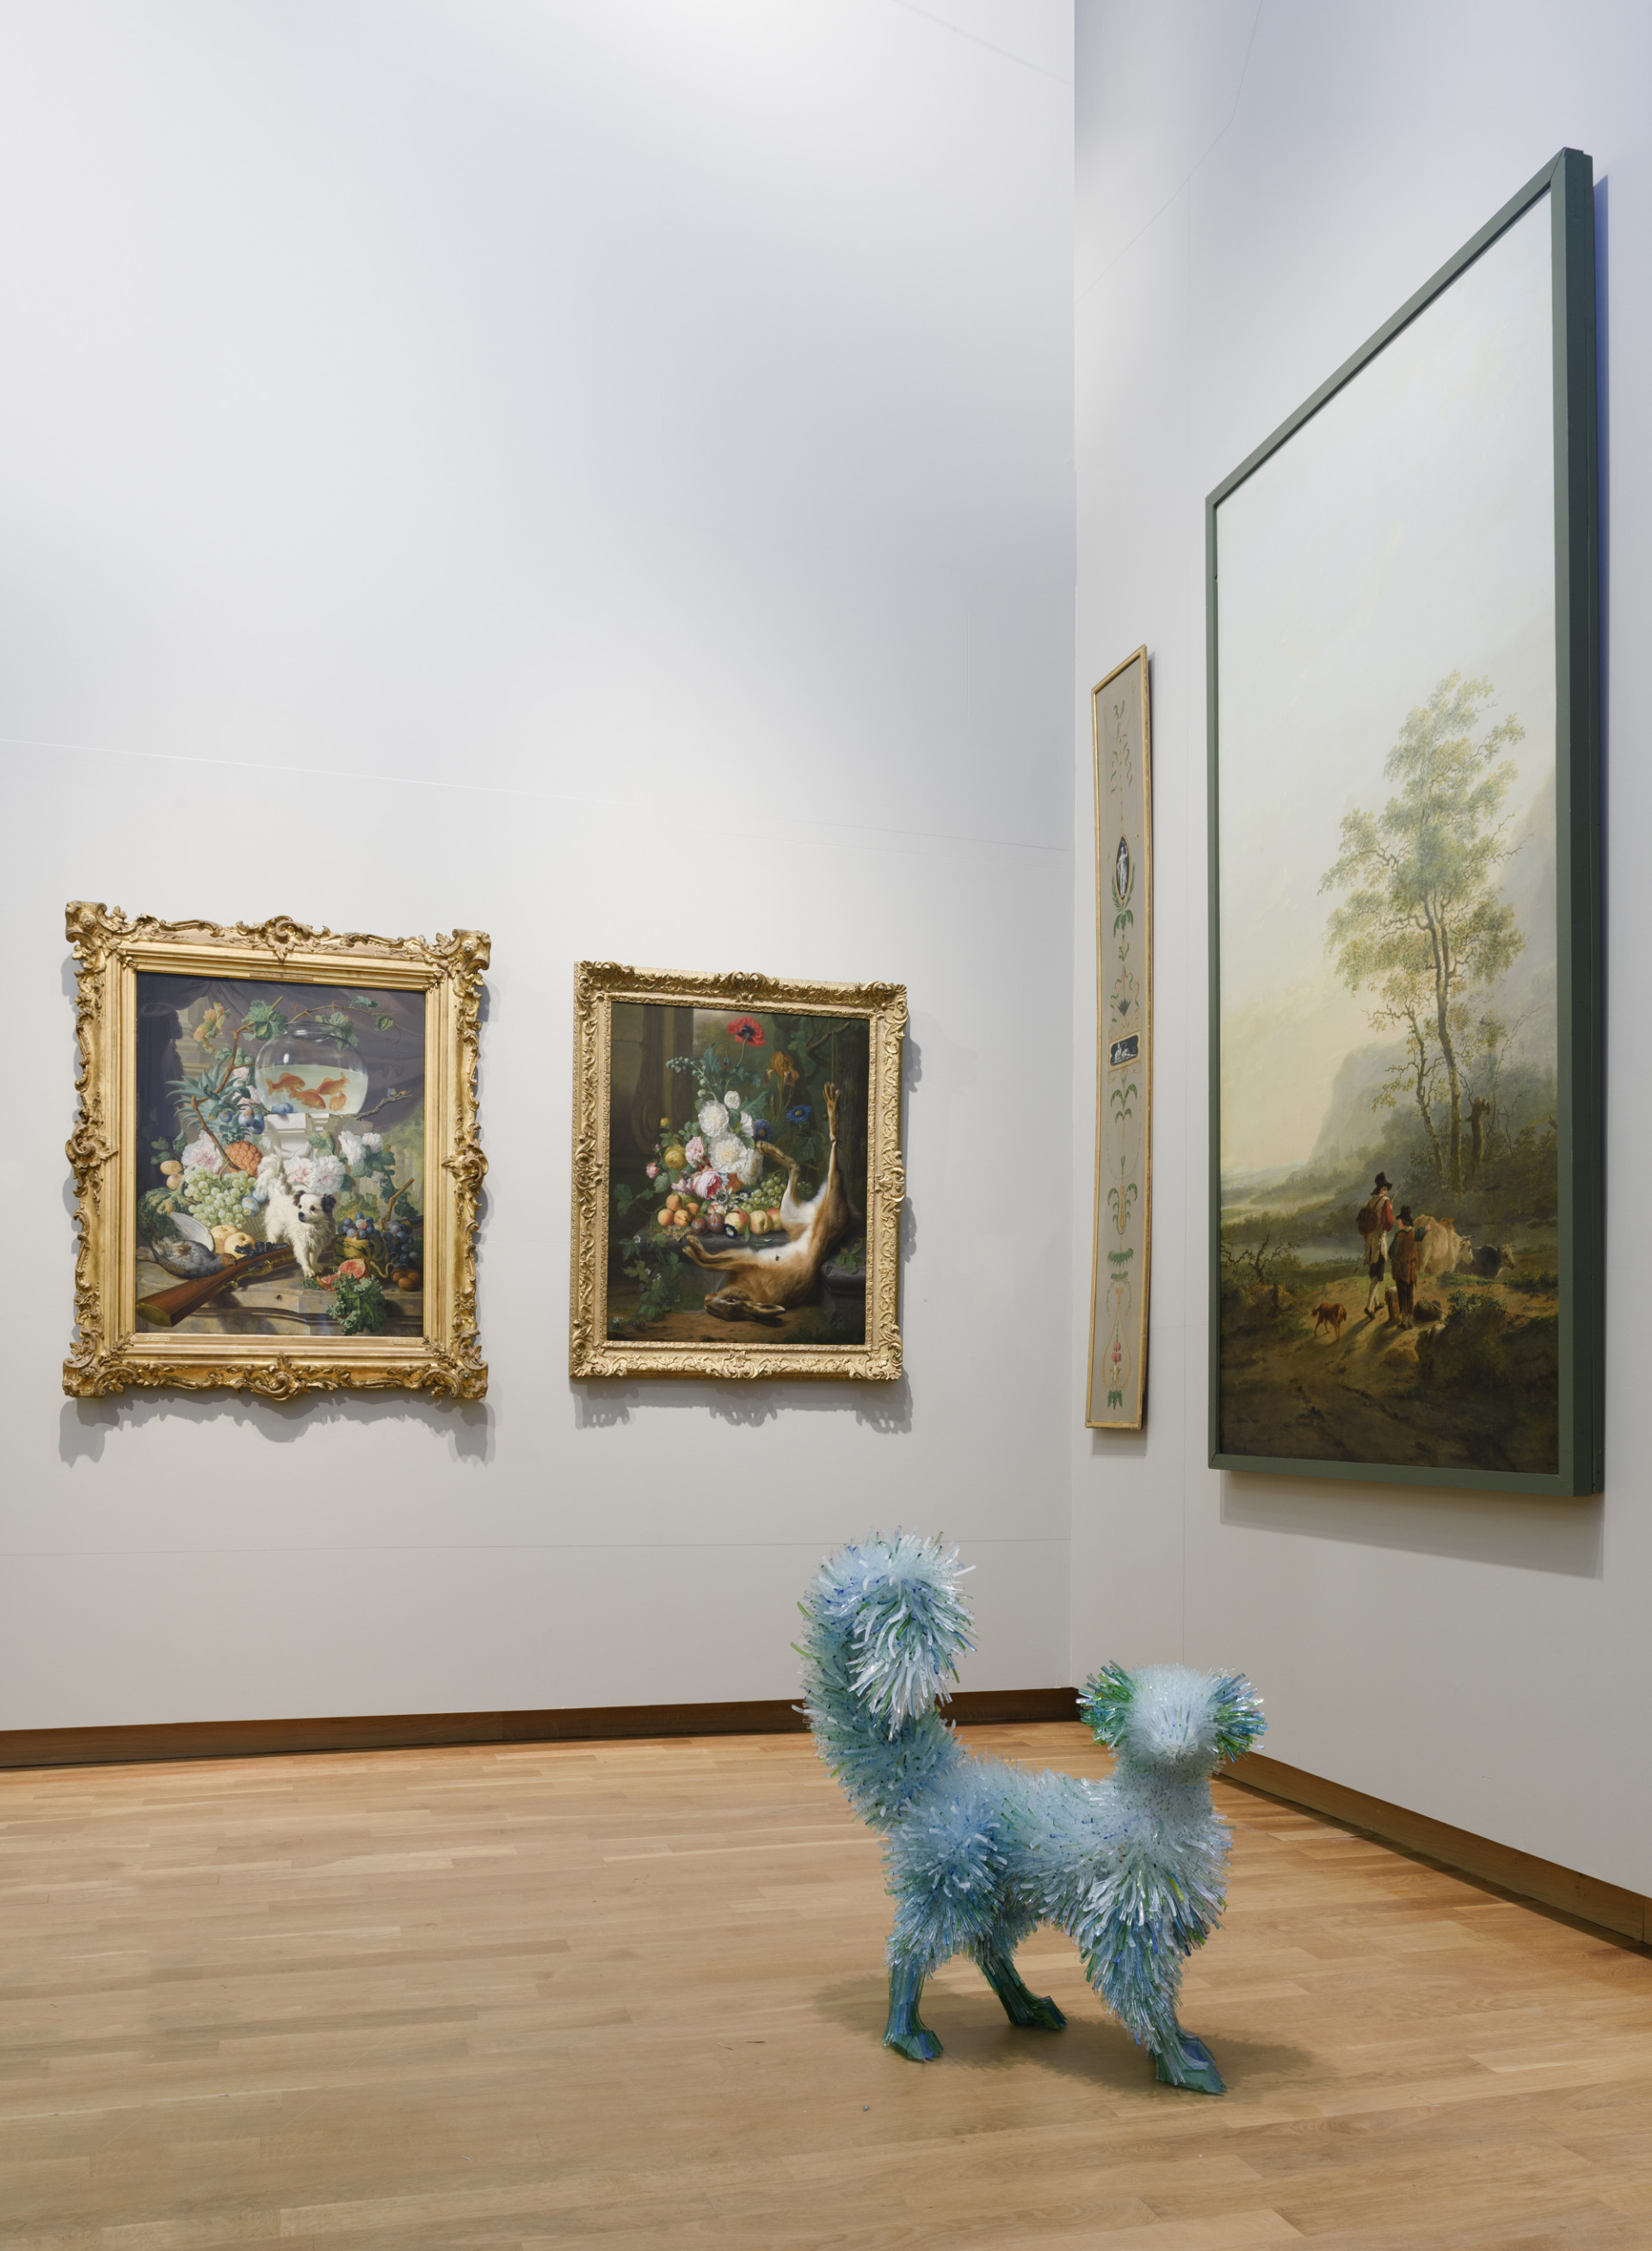 Не зоопарк: рыбы, собаки и обезьяны из мерцающих осколков стекла животных, Польская, непосредственной, картинах, прошлого, художник, часто, размещает, скульптуры, близости, найденных, вдохновляющих, произведений, искусства, Klonowska, живет, Варшаве, студия, классических, изображениями